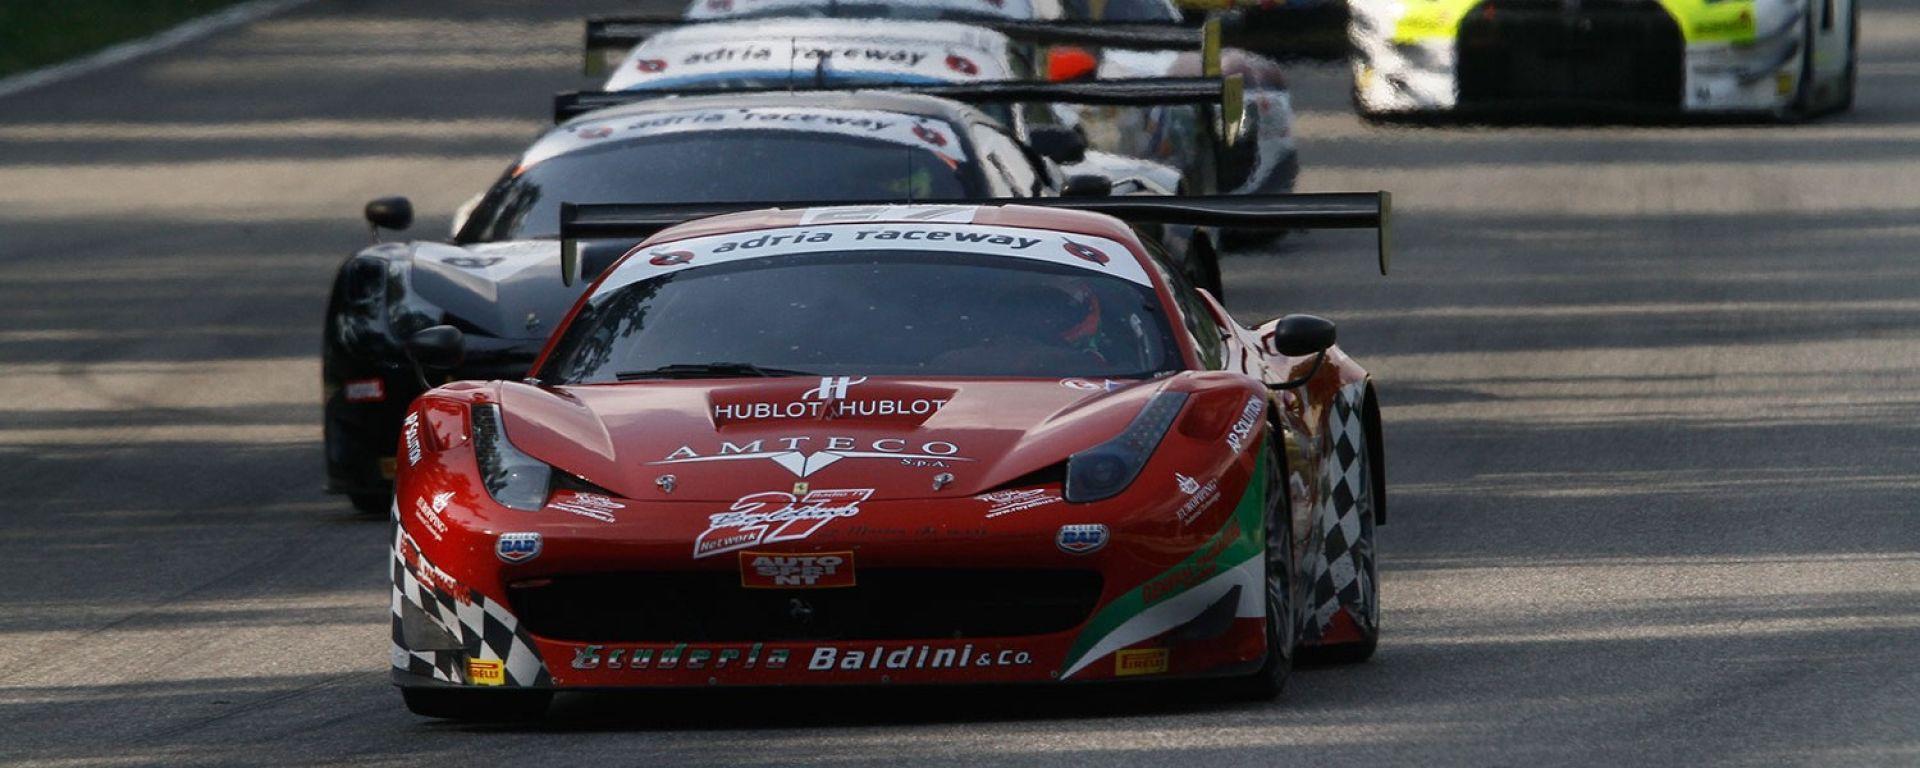 Il Campionato GT Italiano, questo weekend, sul circuito di Monza